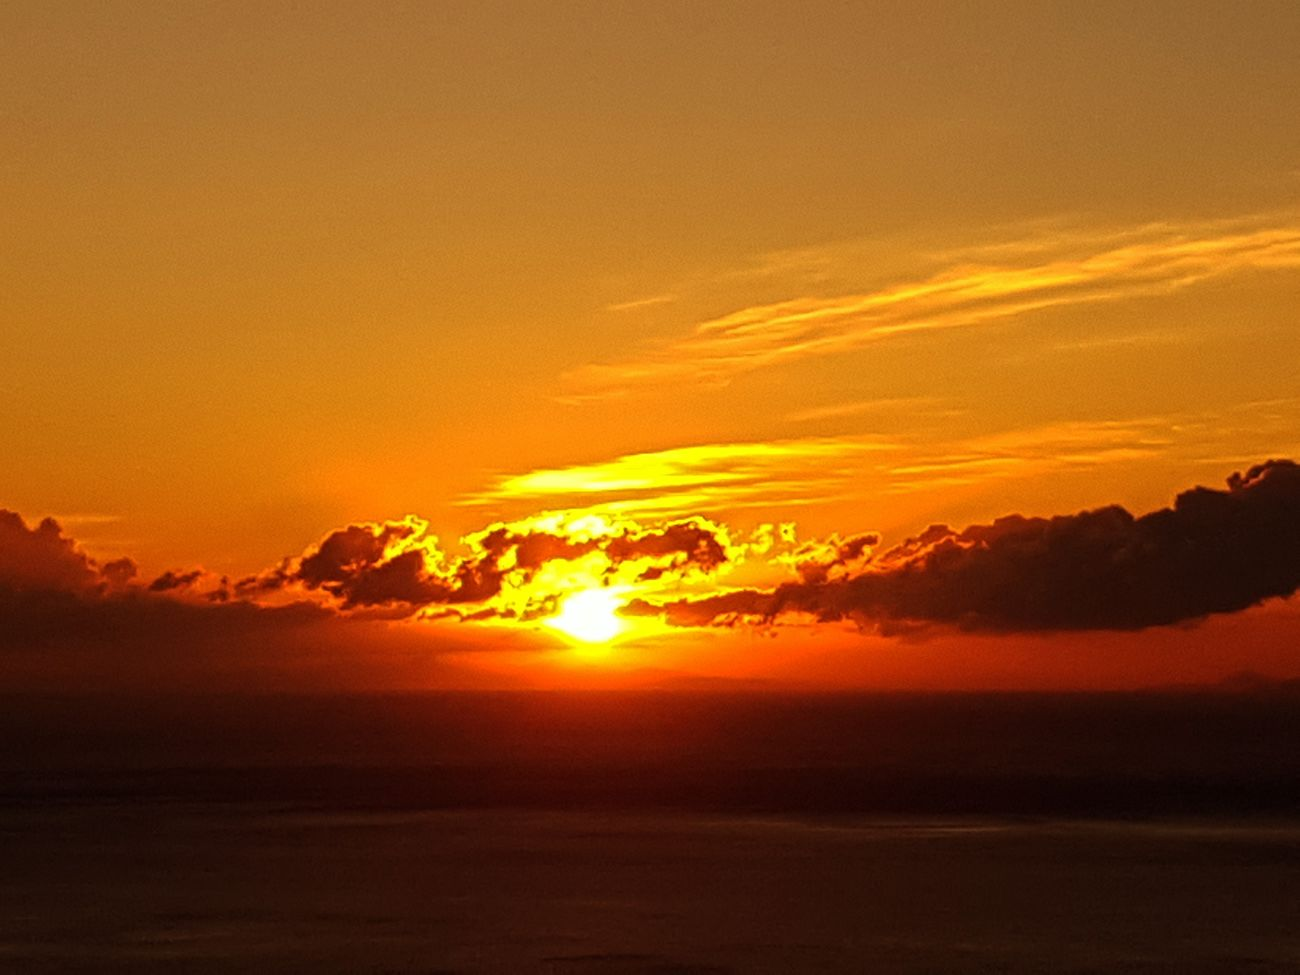 apres une nuit de boulot le spectacle du lever de soleil.. bonne journée Sunset Orange Color Dramatic Sky Landscape Nature Scenics Beauty In Nature Tranquility Tranquil Scene Sun Horizon Sky CorsicanLove Corsica